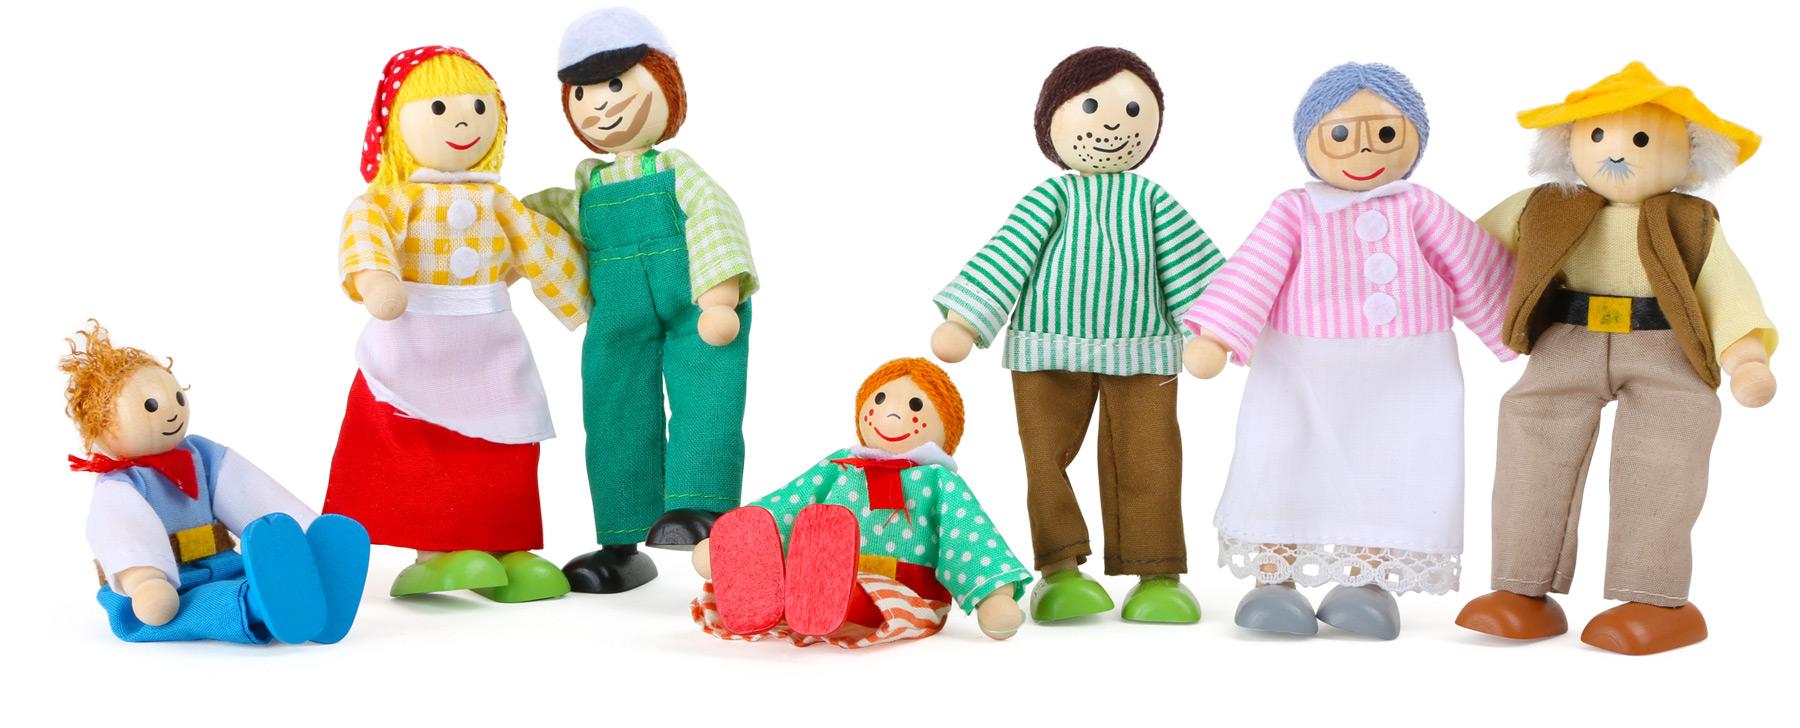 Petites poupées souples Ferme